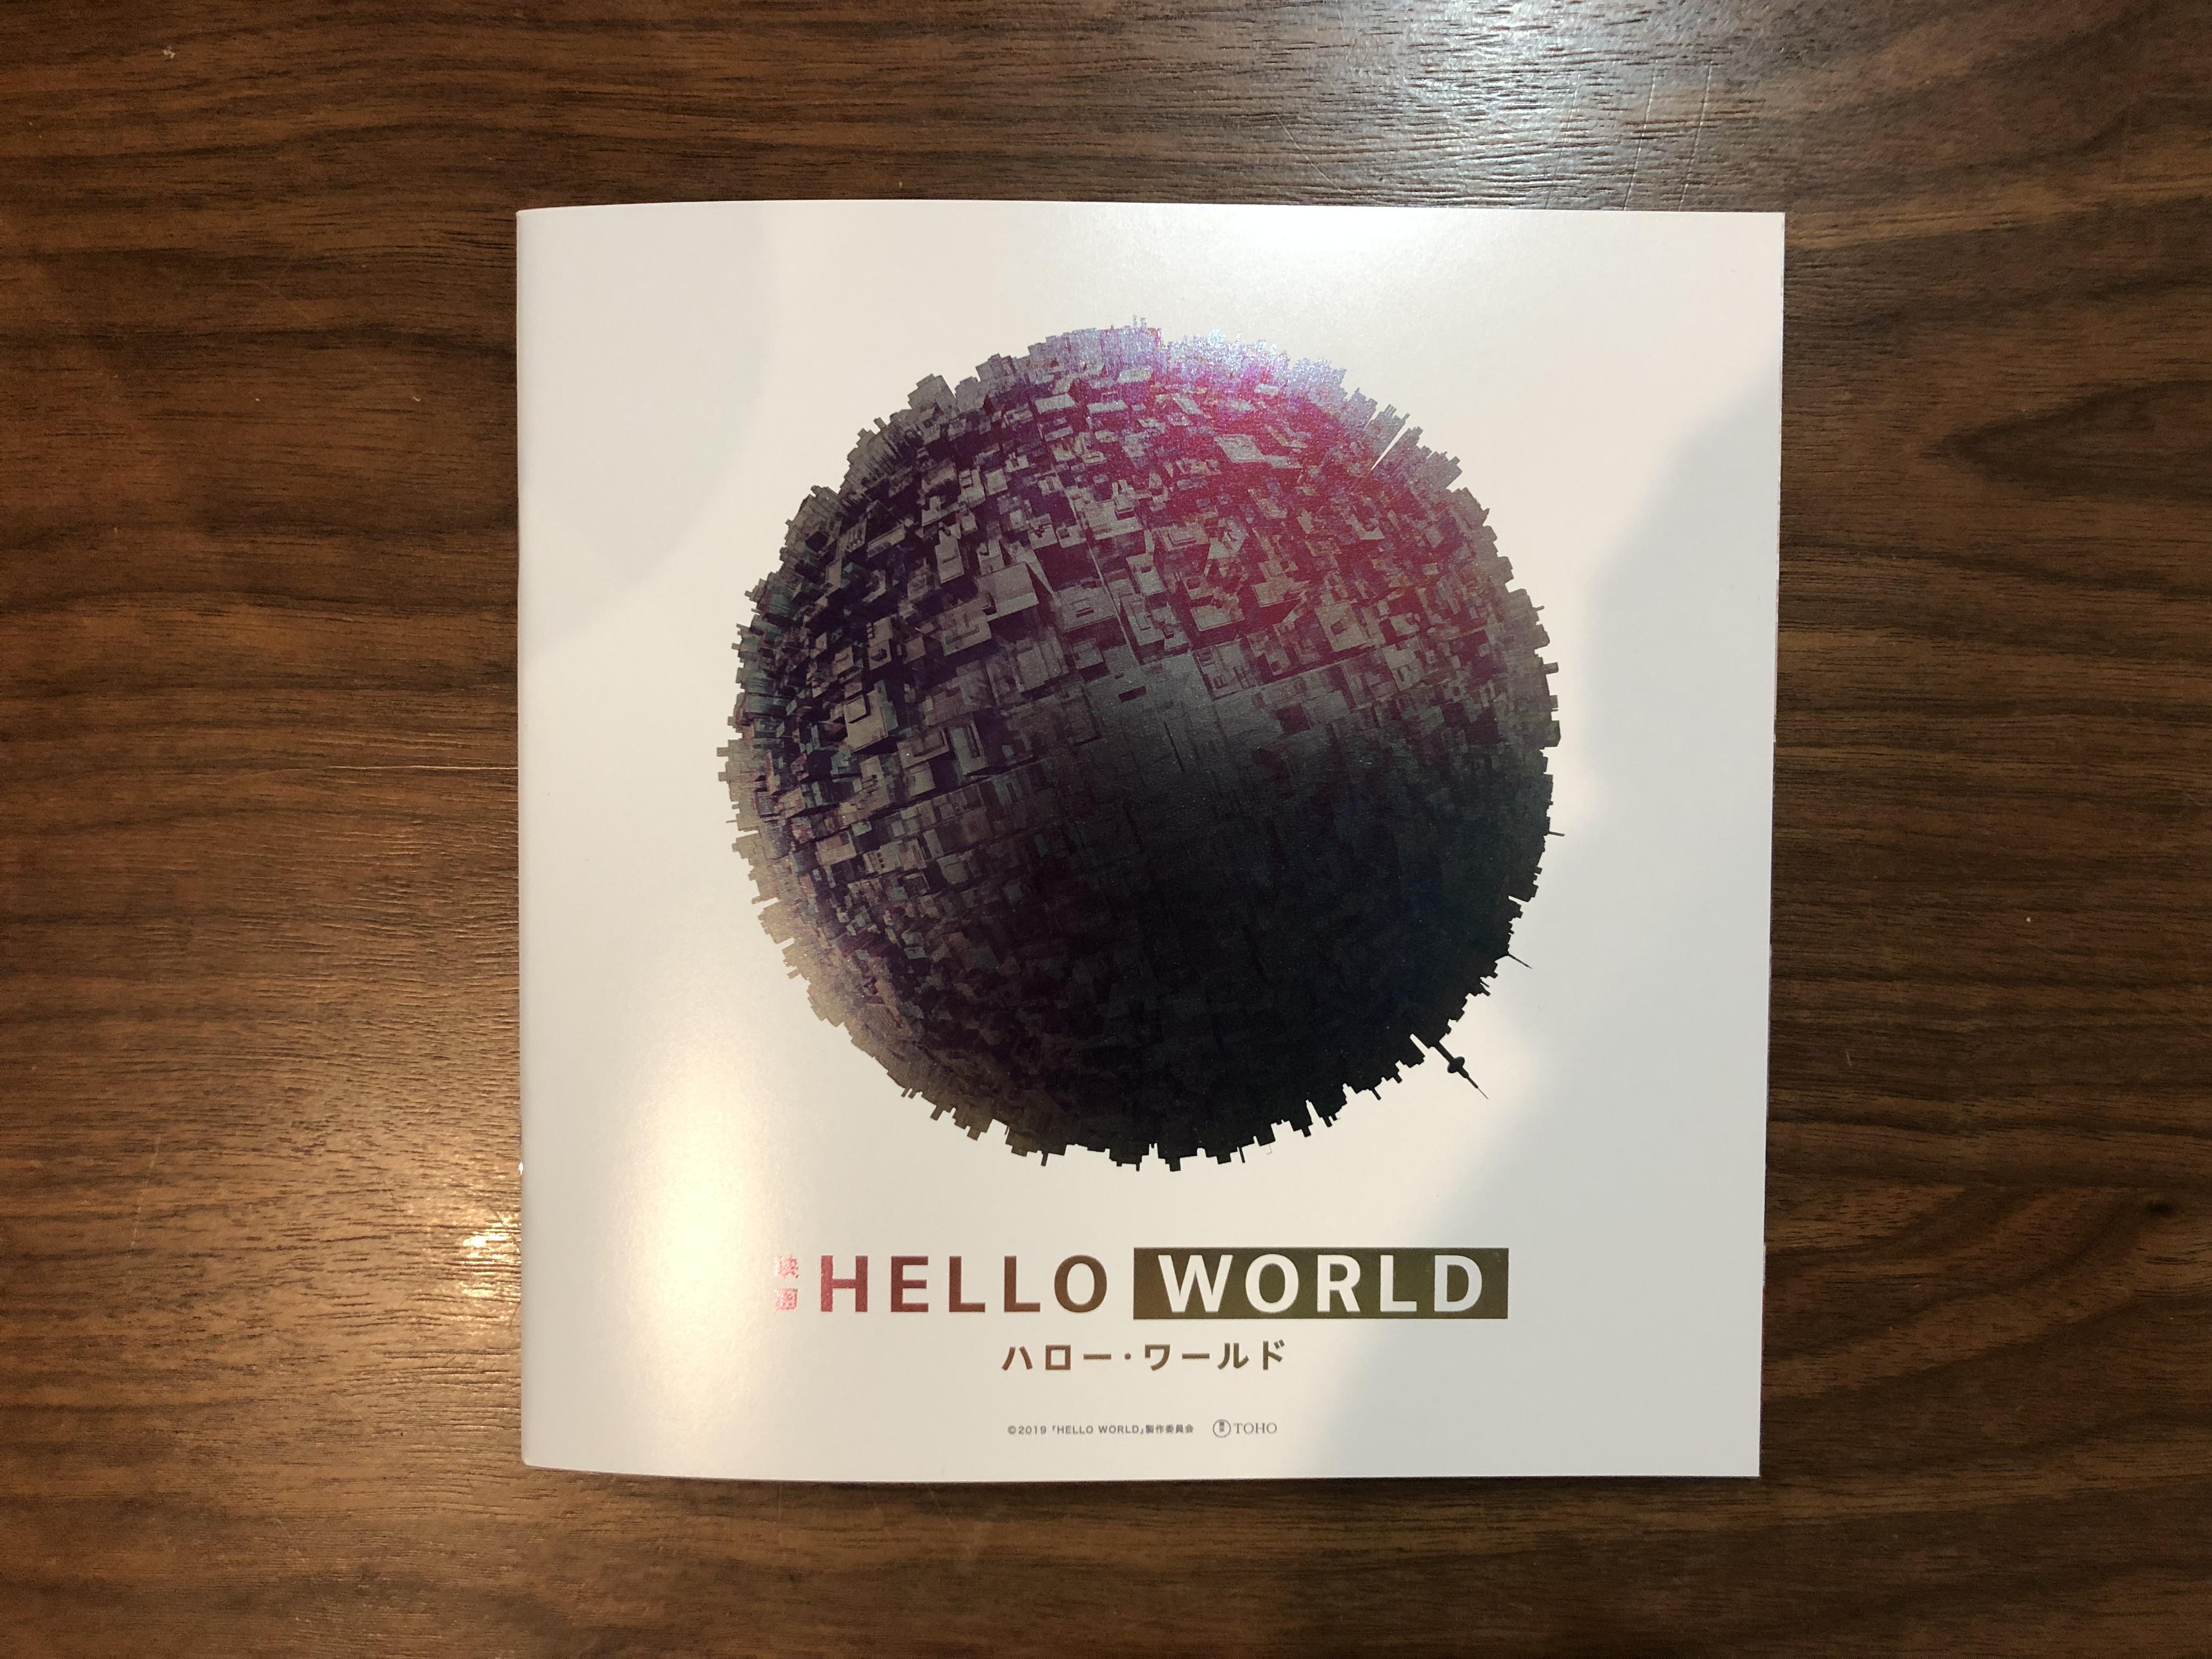 9月20日公開済「HelloWorld」感想3つ(ネタバレ)